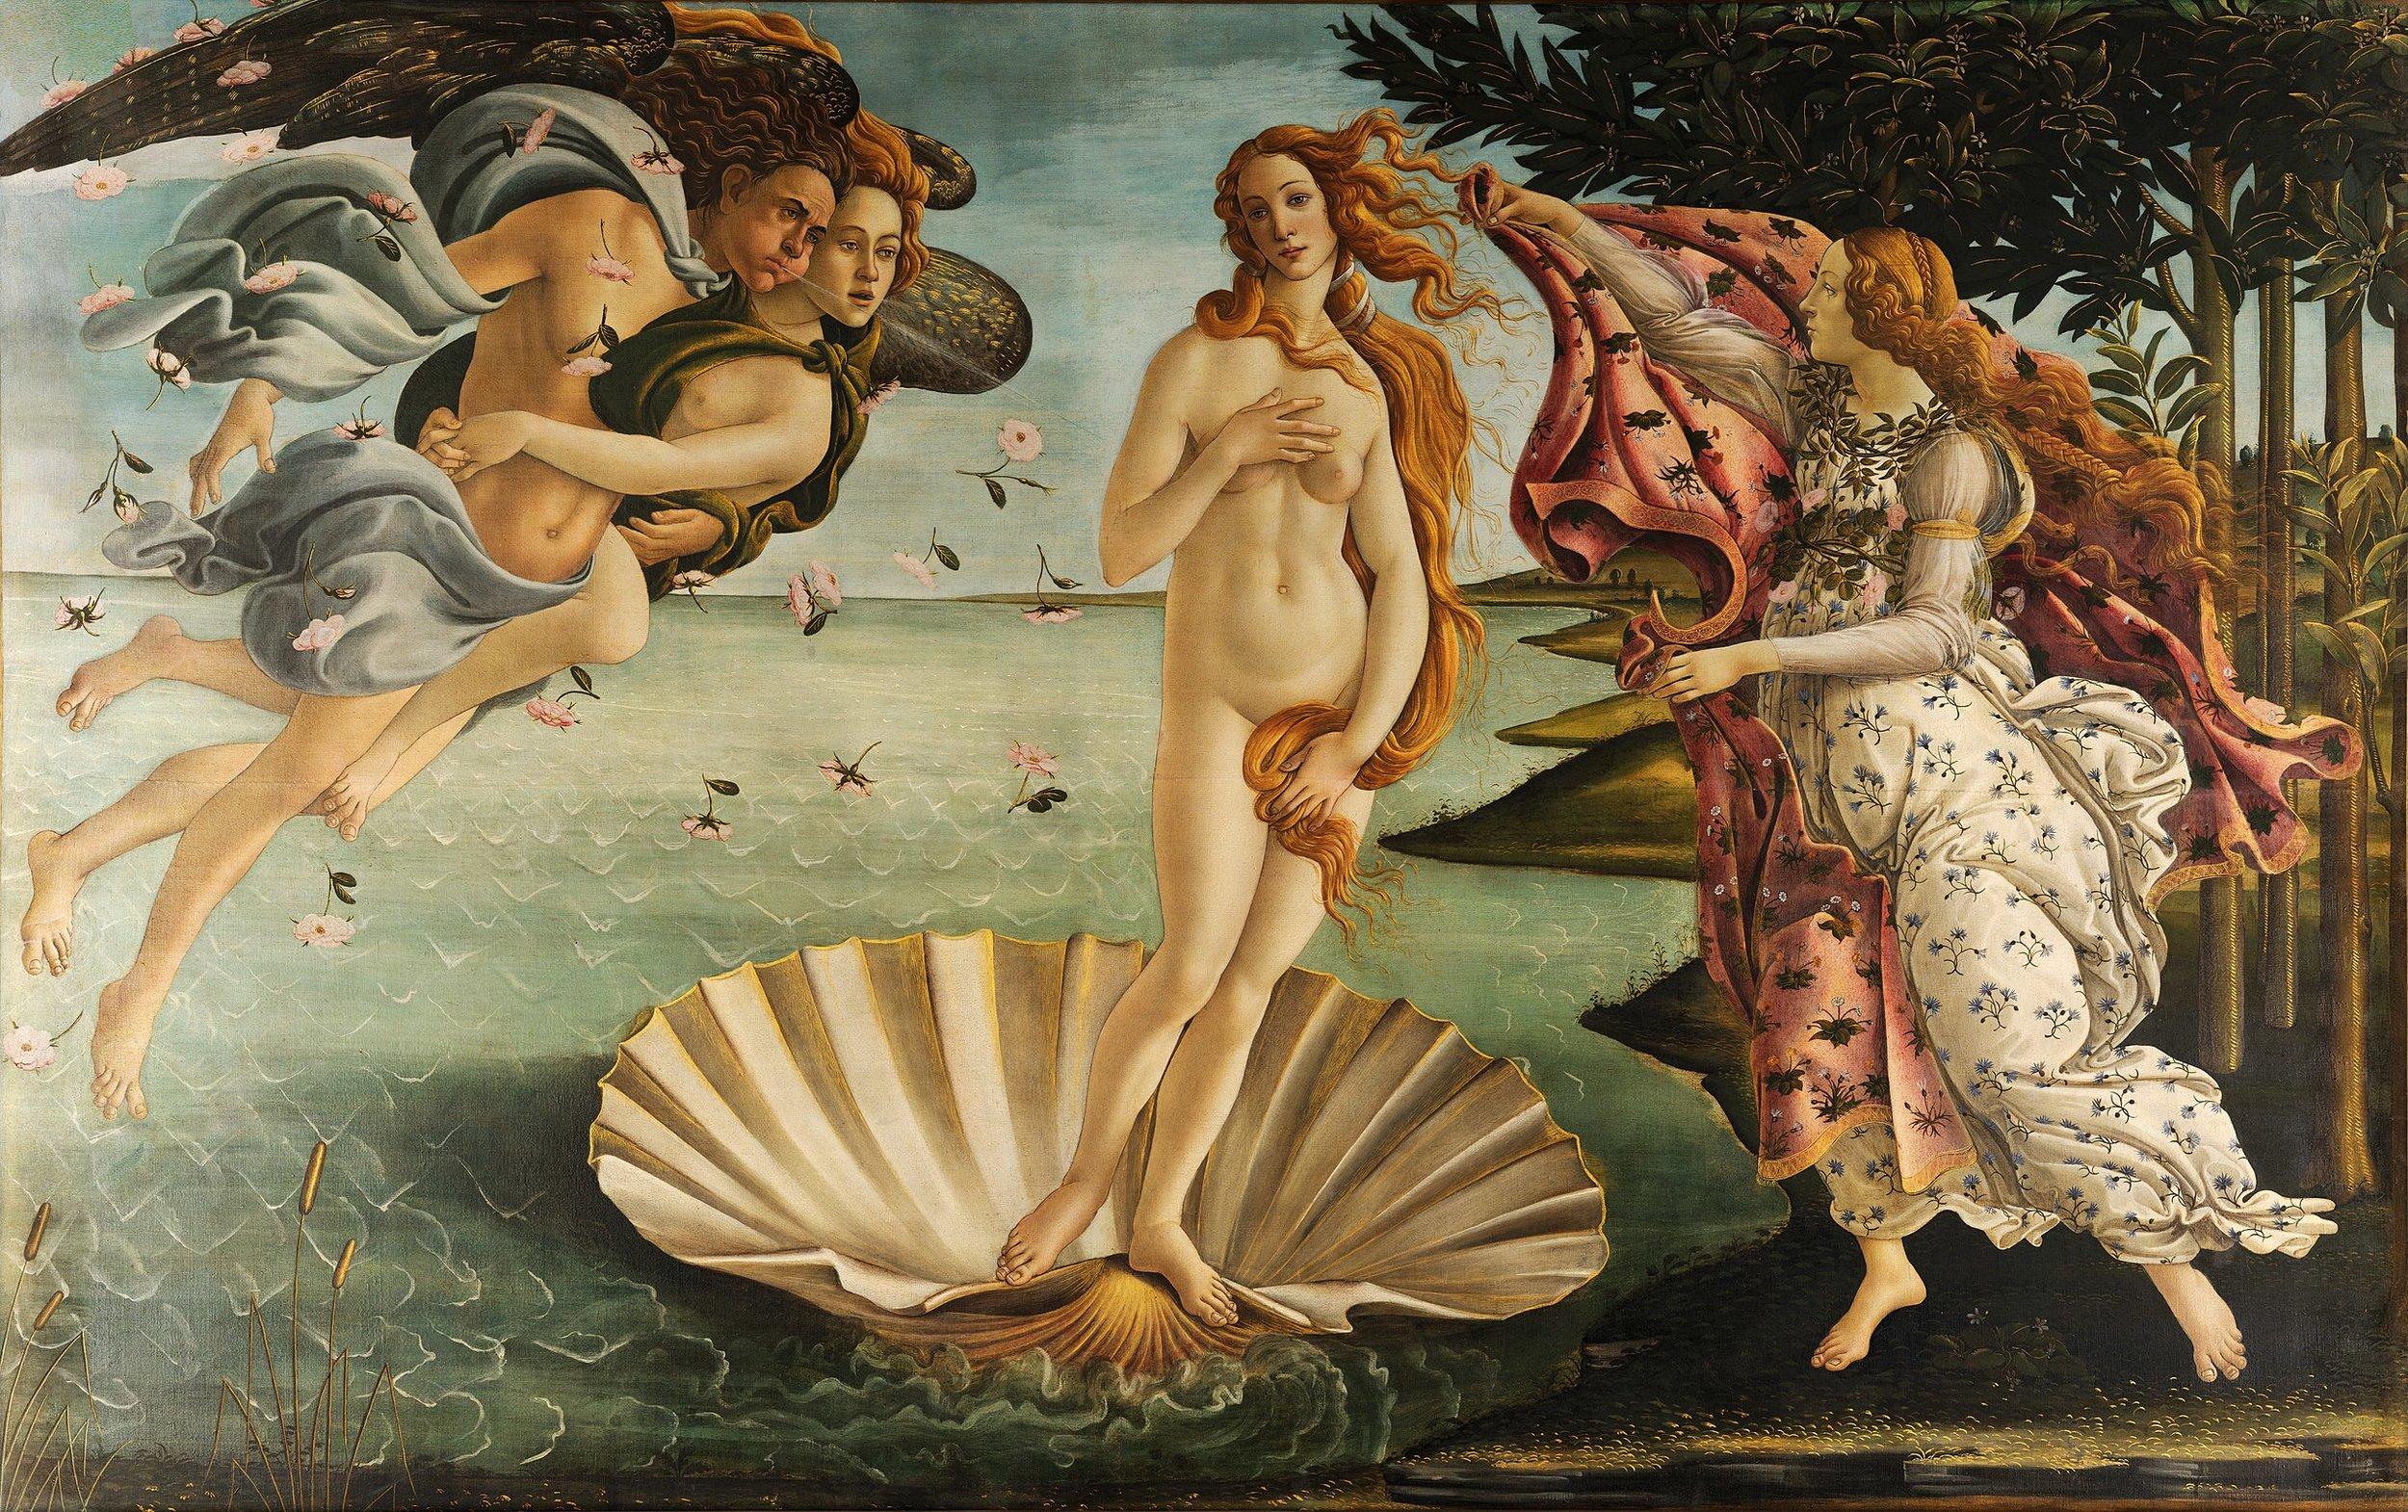 2560px-Sandro_Botticelli_-_La_nascita_di_Venere_-_Google_Art_Project_-_edited.jpg